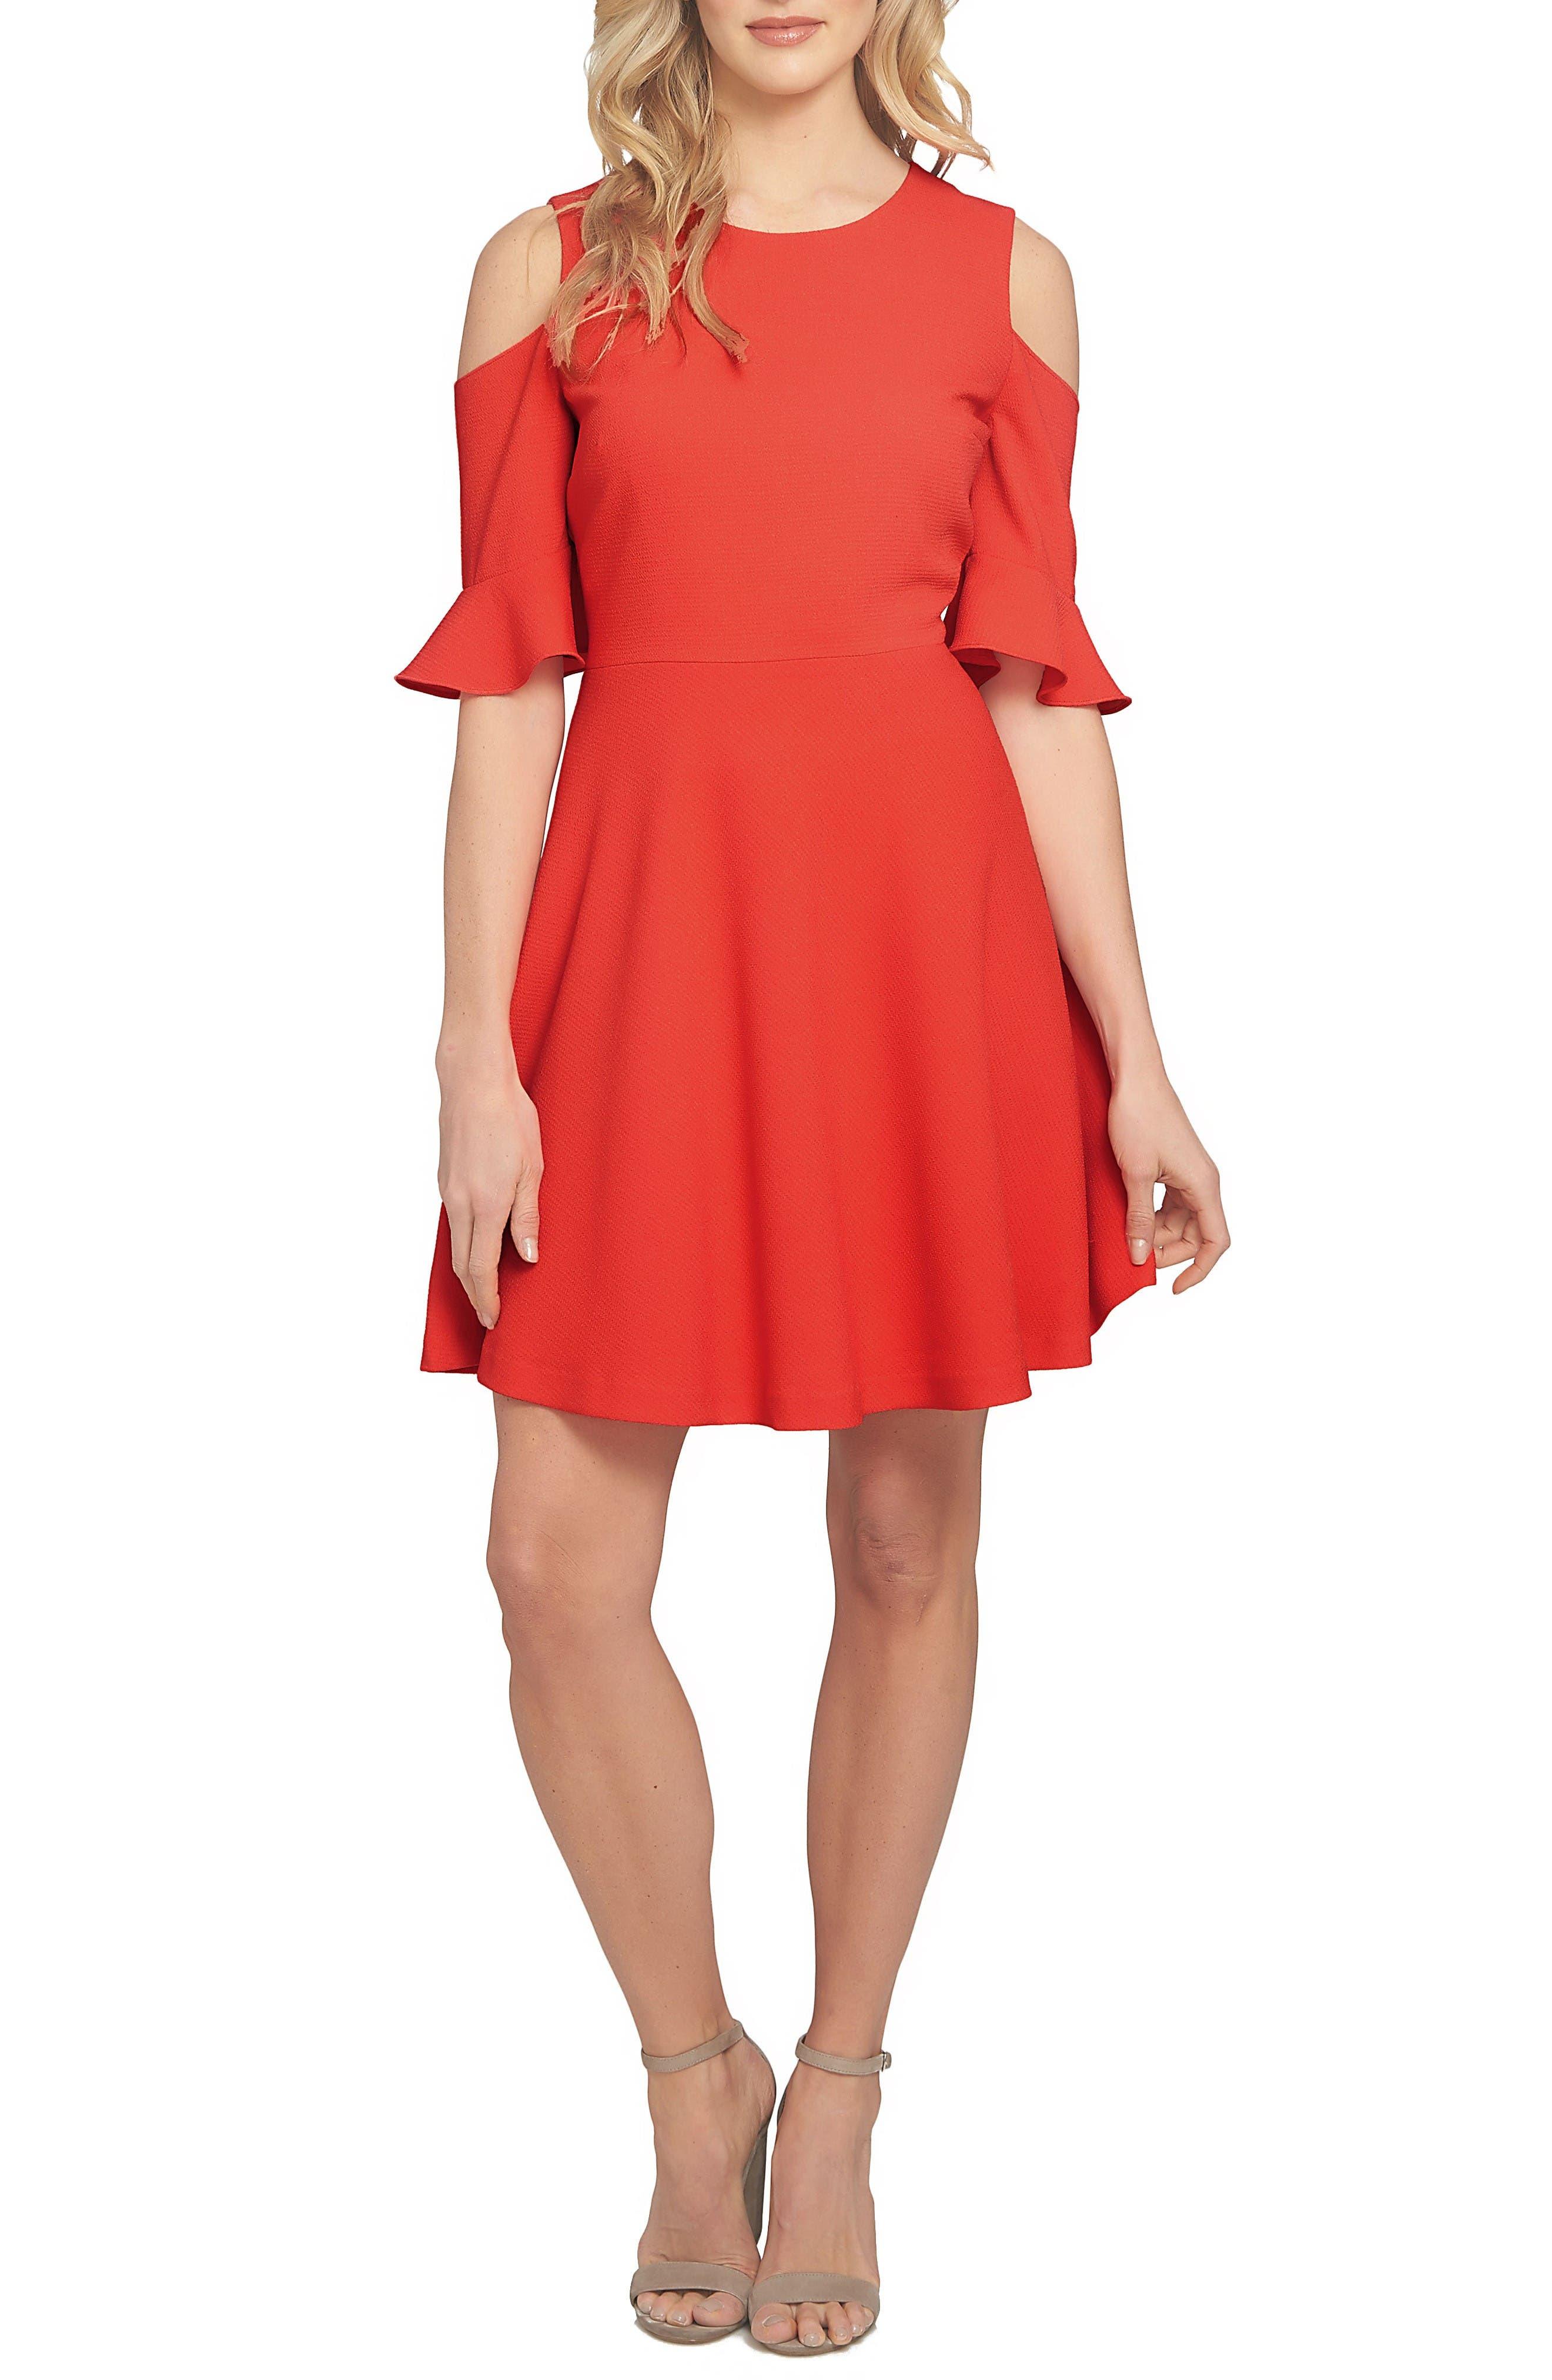 Alternate Image 1 Selected - CeCe Emily Cold Shoulder Fit & Flare Dress